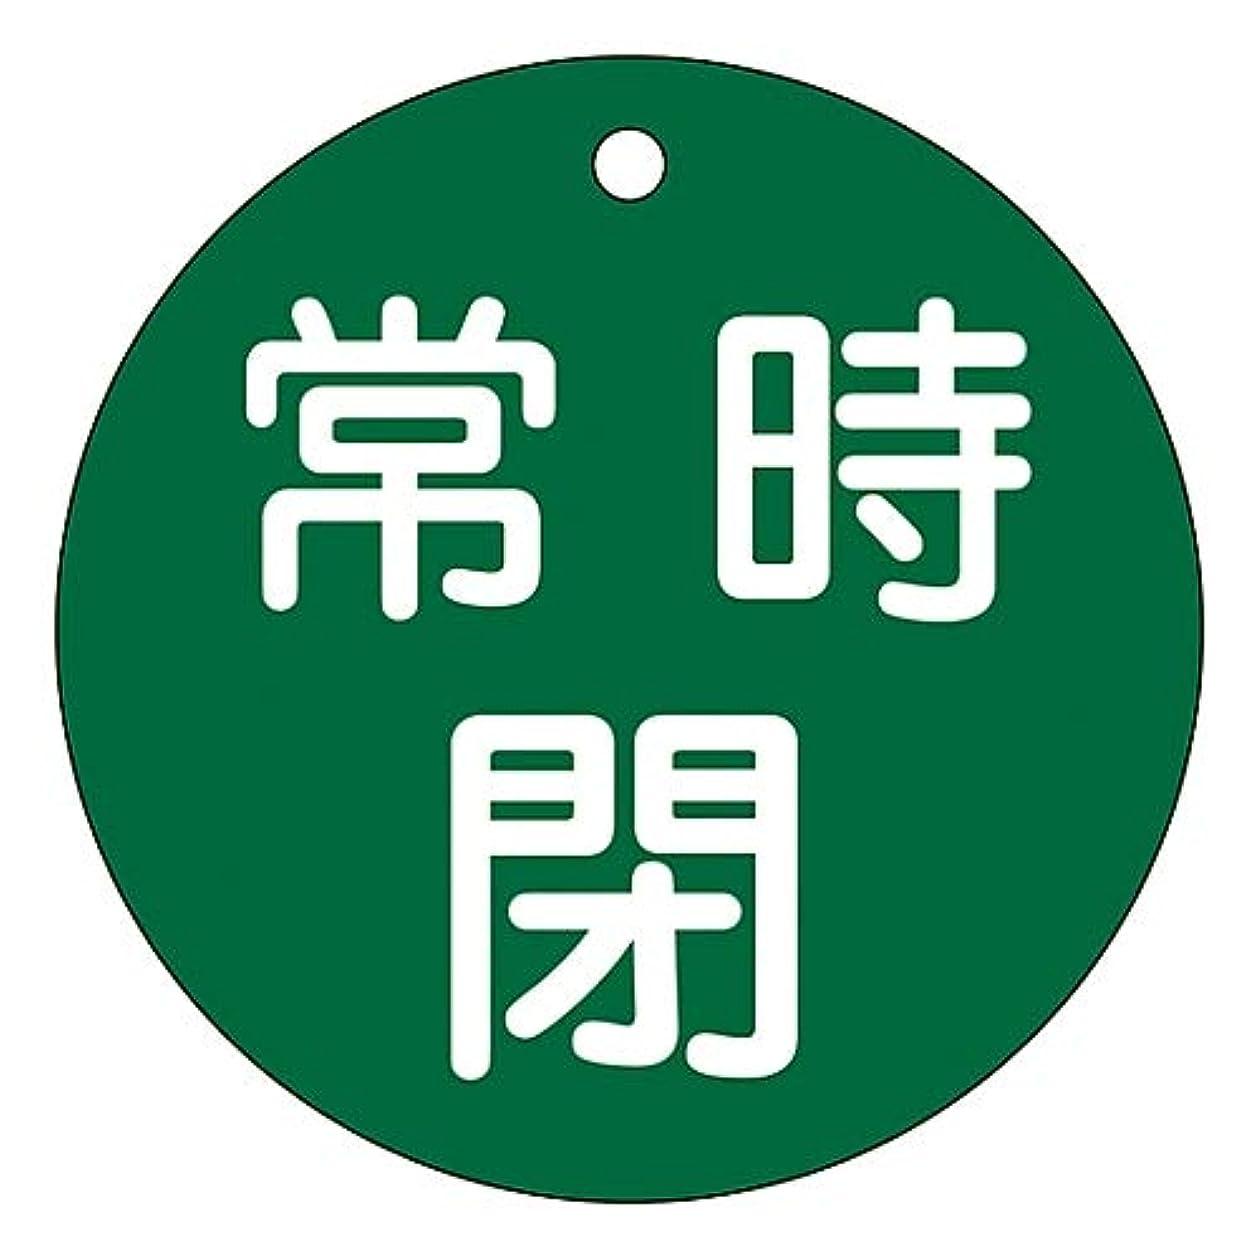 急勾配の大統領ピジンバルブ開閉札 「常時閉(緑)」 特15-48B/61-3400-08